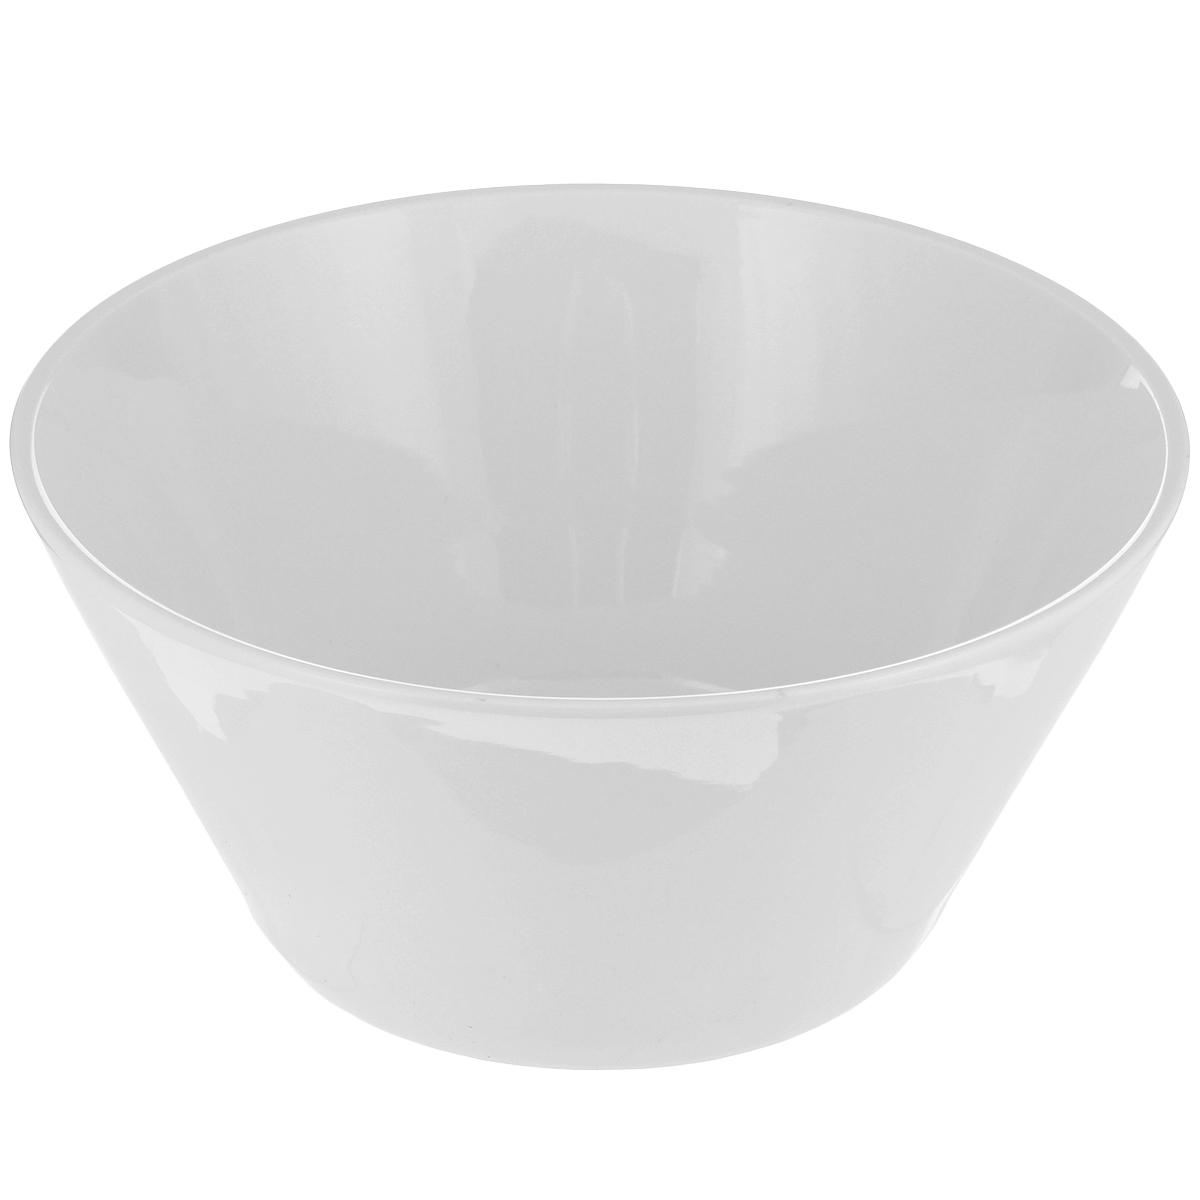 Миска Tescoma Gustito, диаметр 24 см386080Миска Tescoma Gustito выполнена из высококачественного фарфора однотонного цвета и прекрасно подойдет для вашей кухни. Такая тарелка изысканно украсит сервировку как обеденного, так и праздничного стола. Предназначена для подачи салатов и других блюд. Пригодна для использования в микроволновой печи. Можно мыть в посудомоечной машине.Диаметр: 24 см.Высота стенок: 11 см.